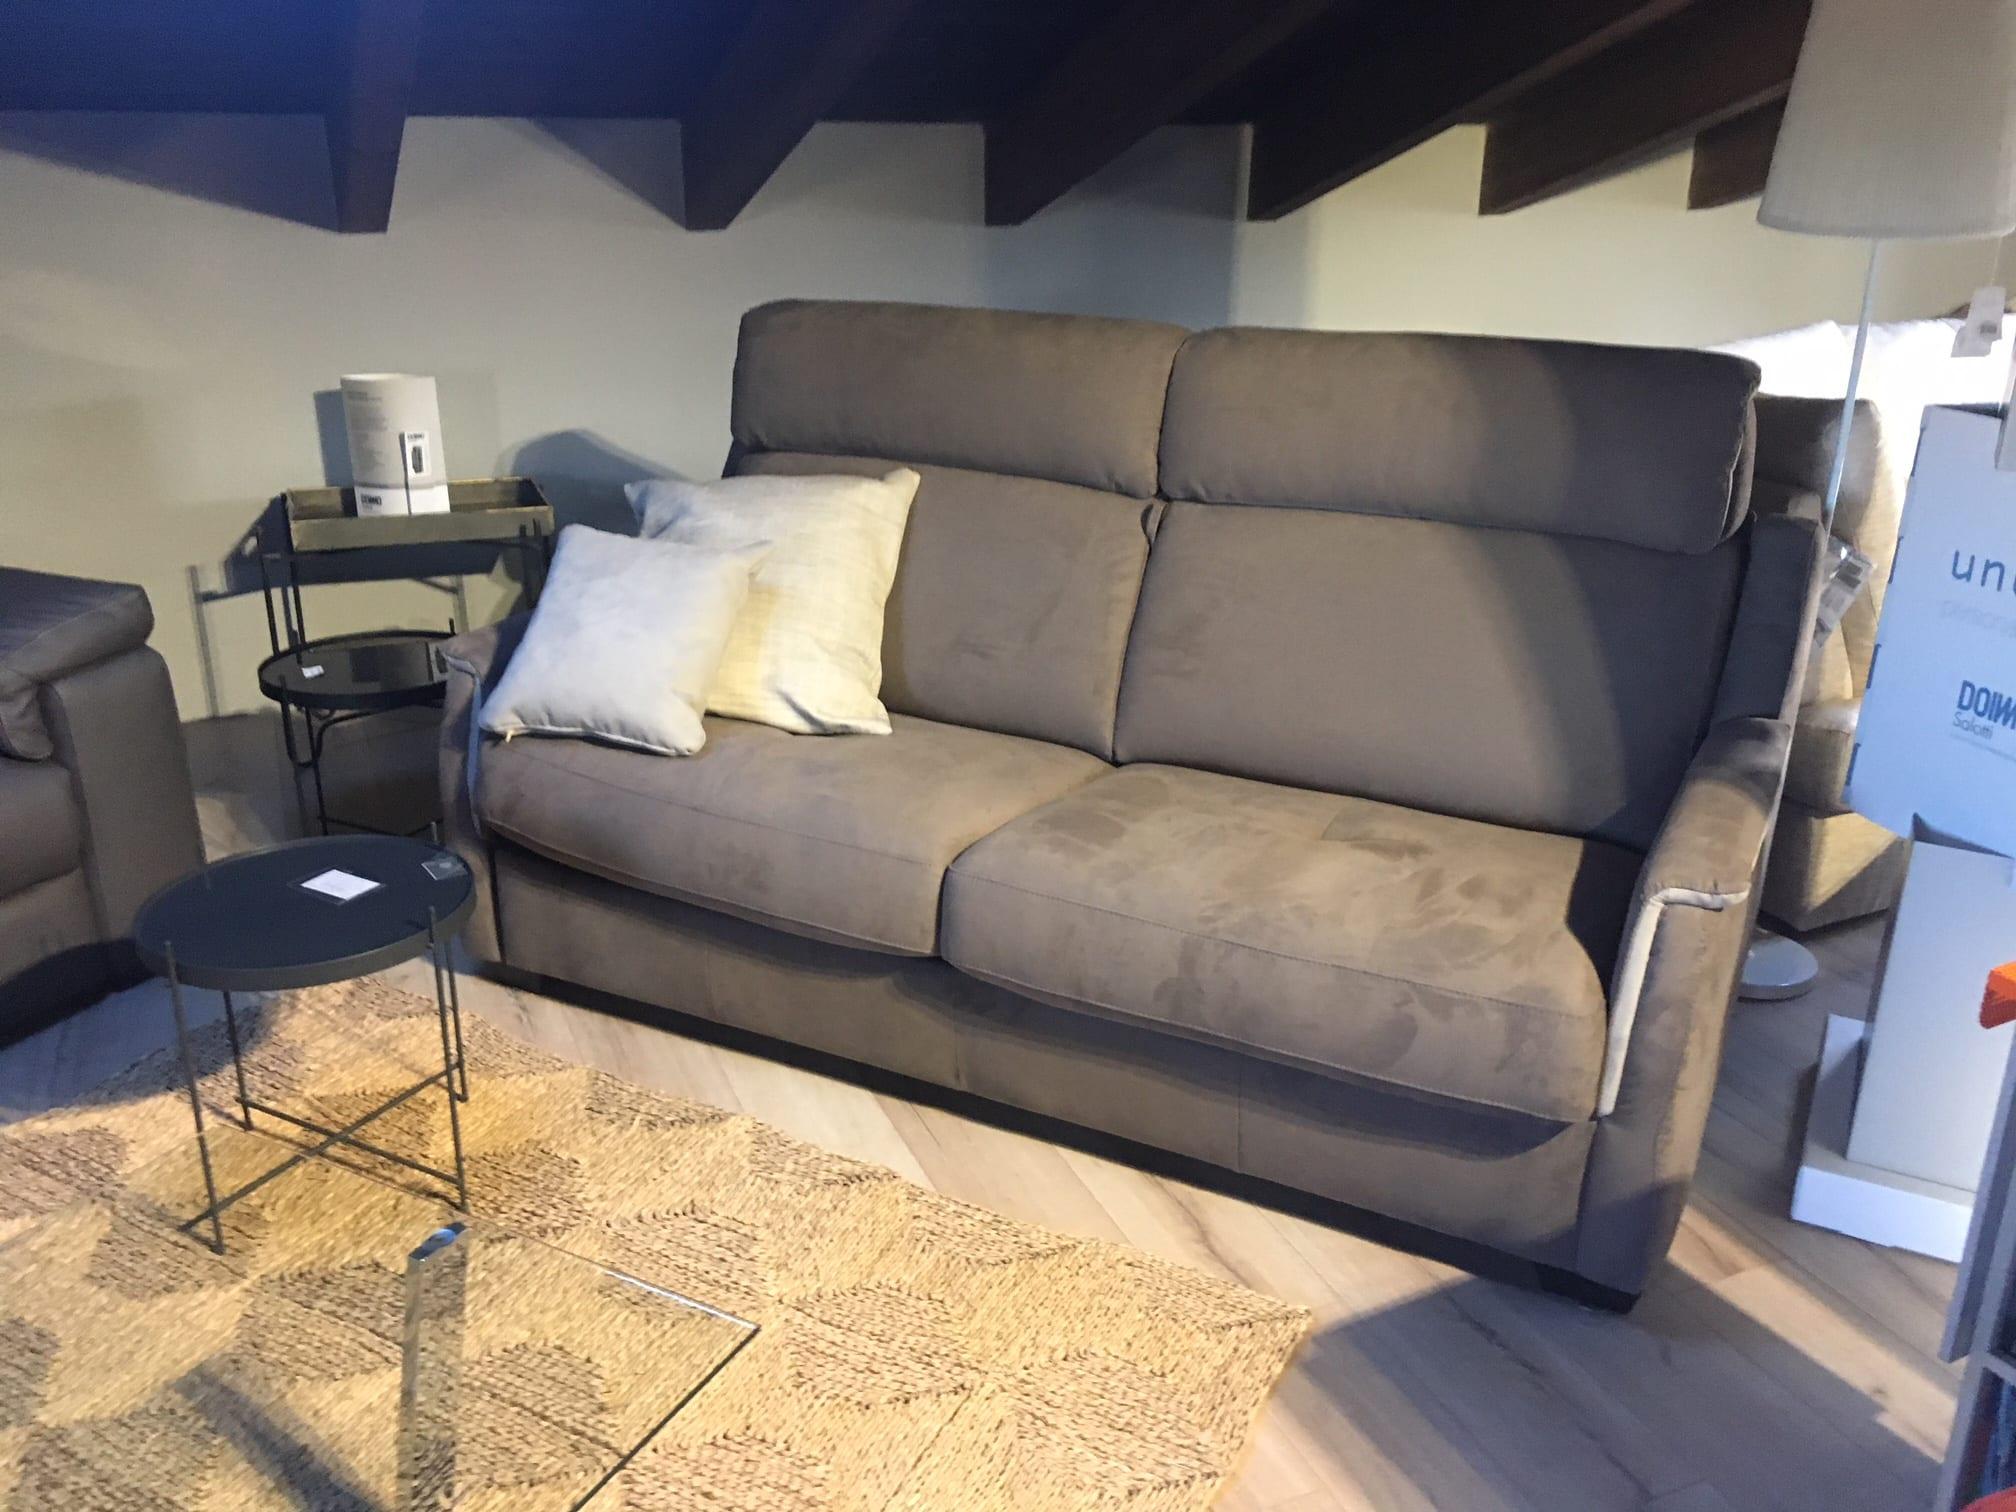 Centro divani letto offerta bologna - Divano letto bologna ...